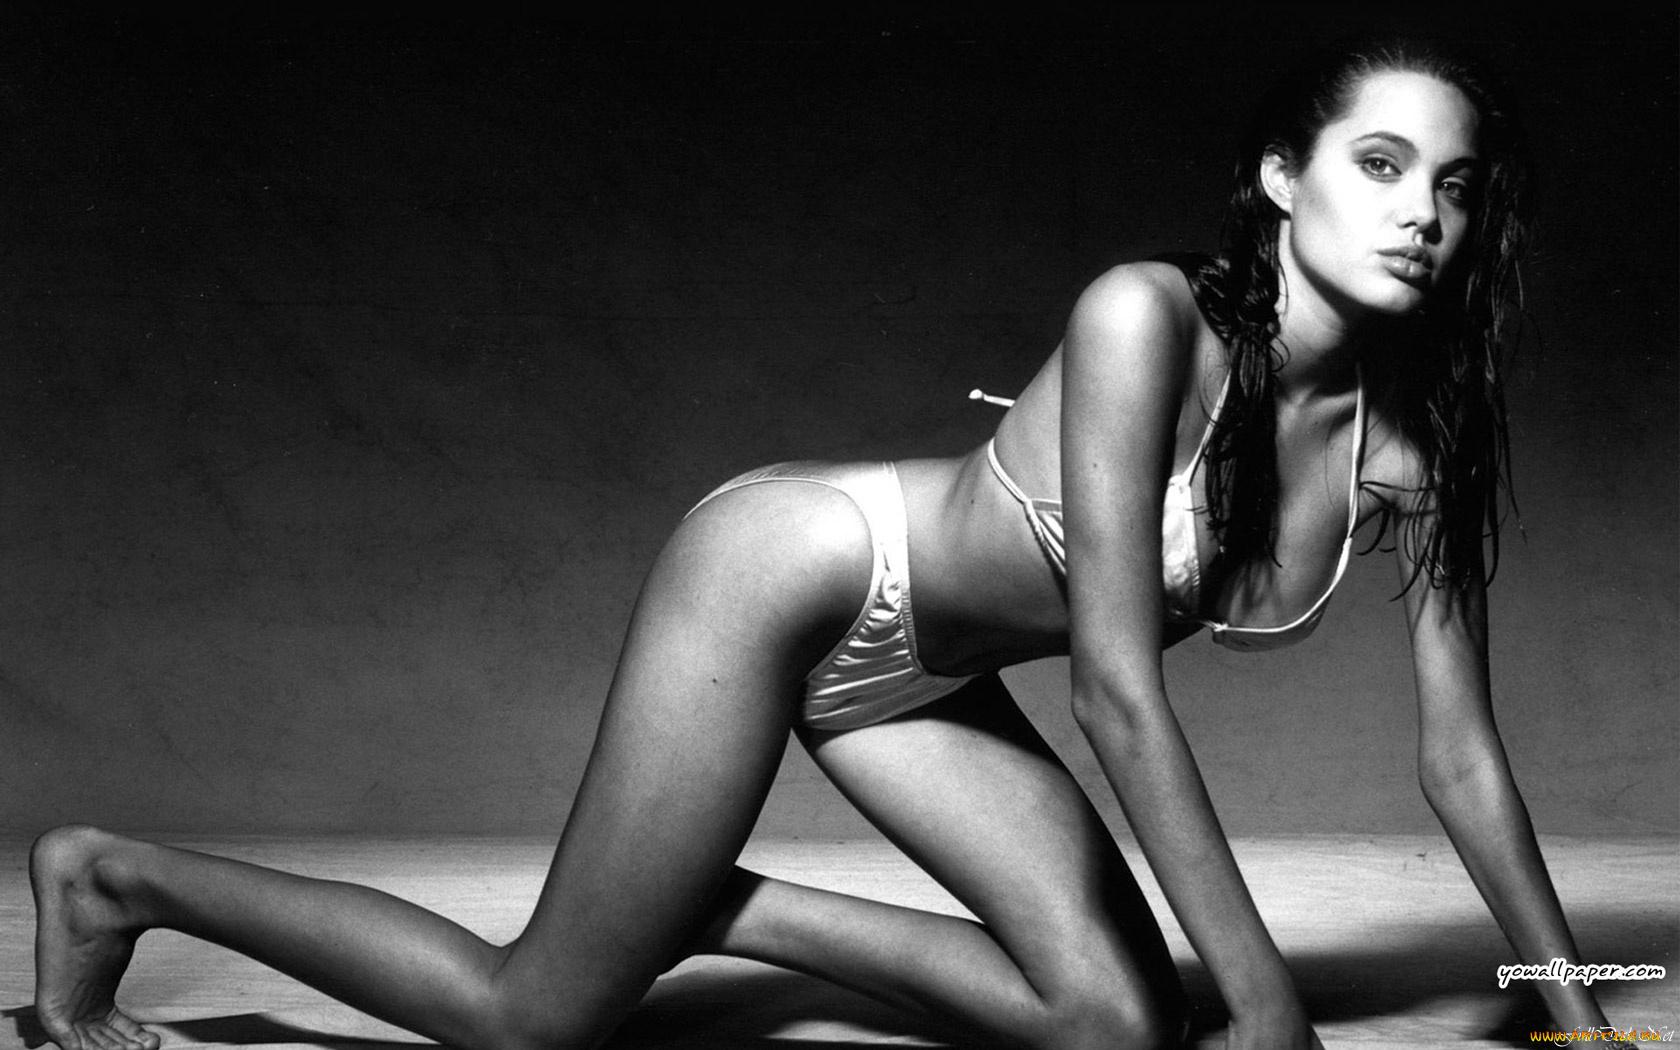 Фото эротика маленькая модель, Девочка созрела? Самые скандальные фотосессии юных 12 фотография